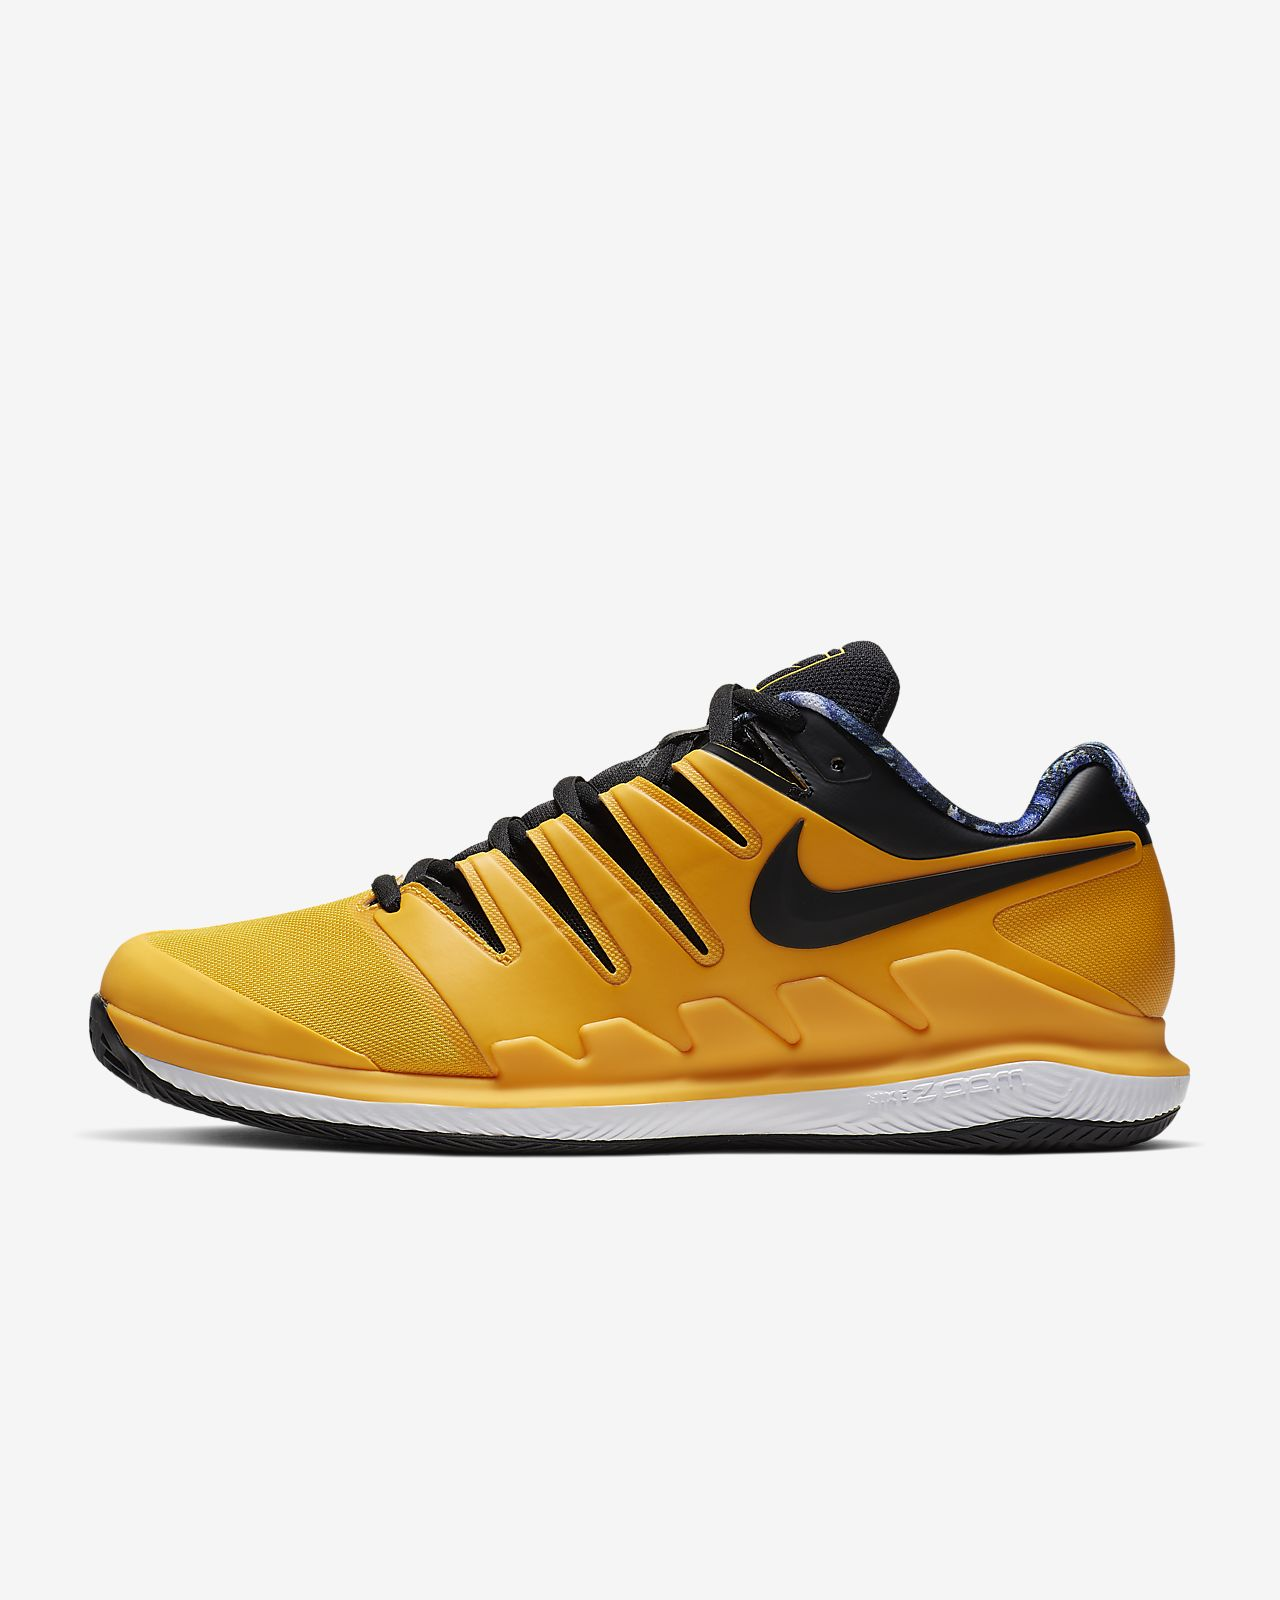 Ανδρικό παπούτσι τένις για χωμάτινα γήπεδα NikeCourt Air Zoom Vapor X